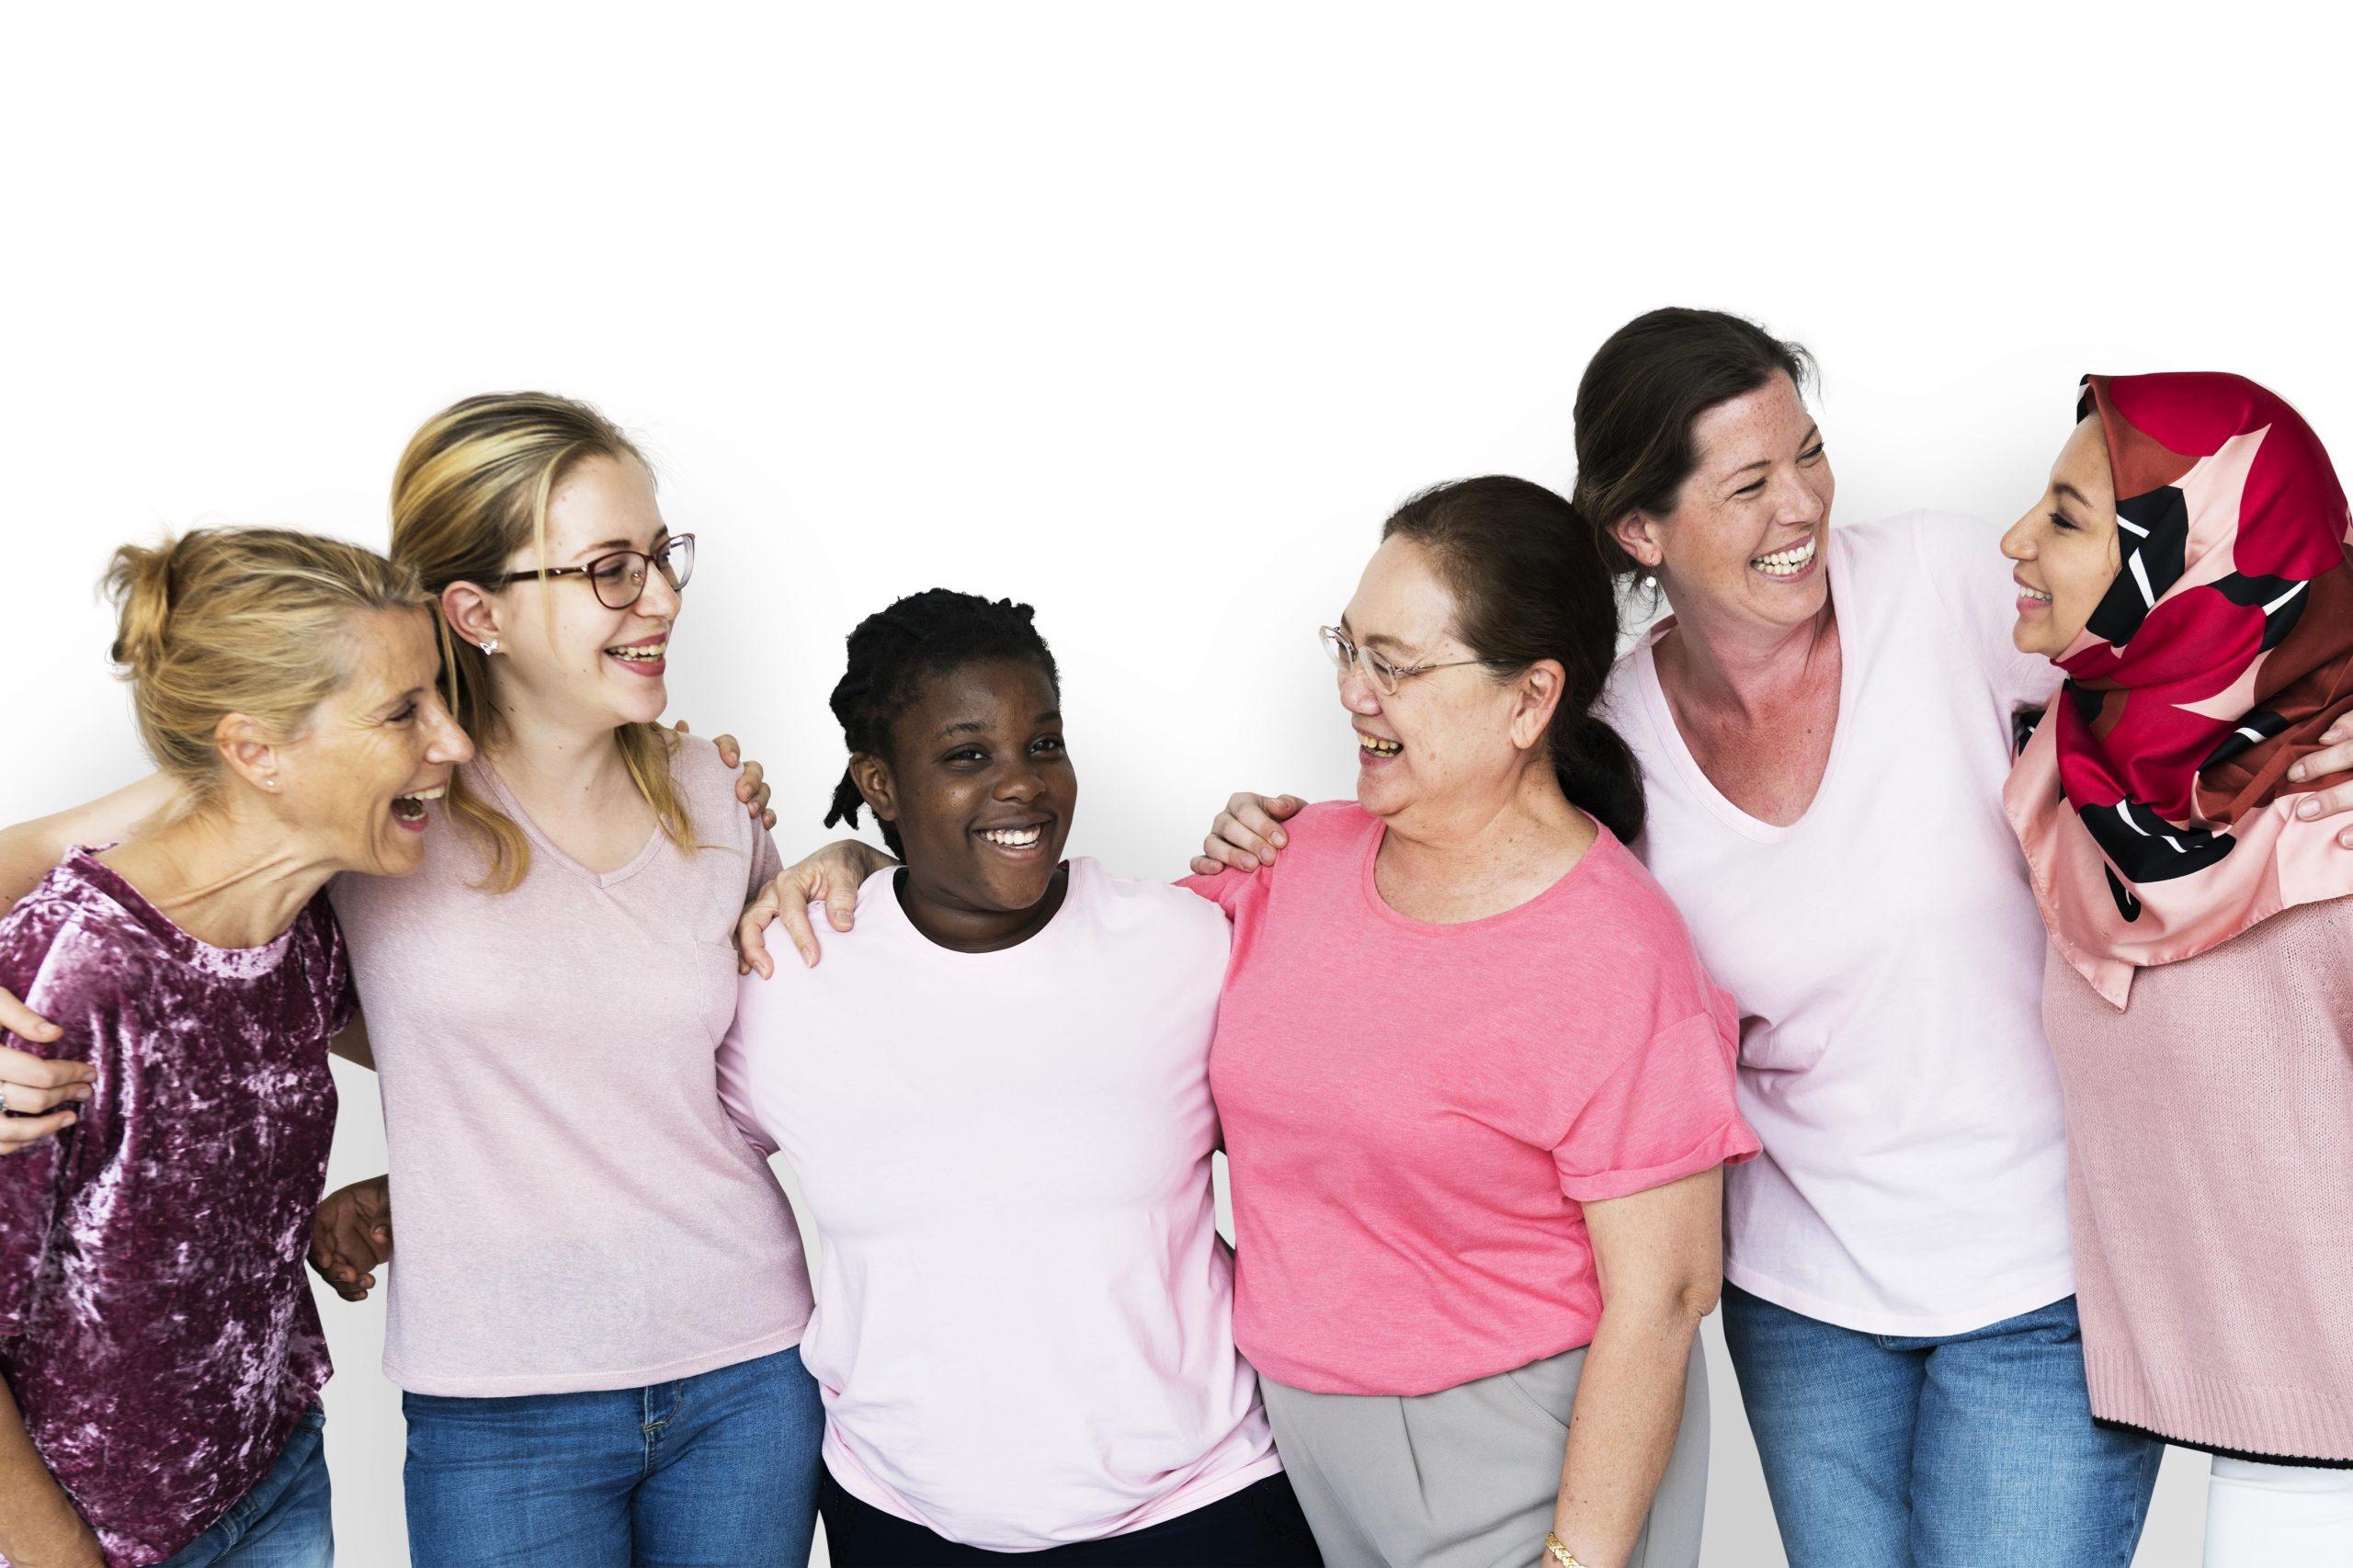 Sororidade no trabalho: saiba a importância de apoiar outras mulheres